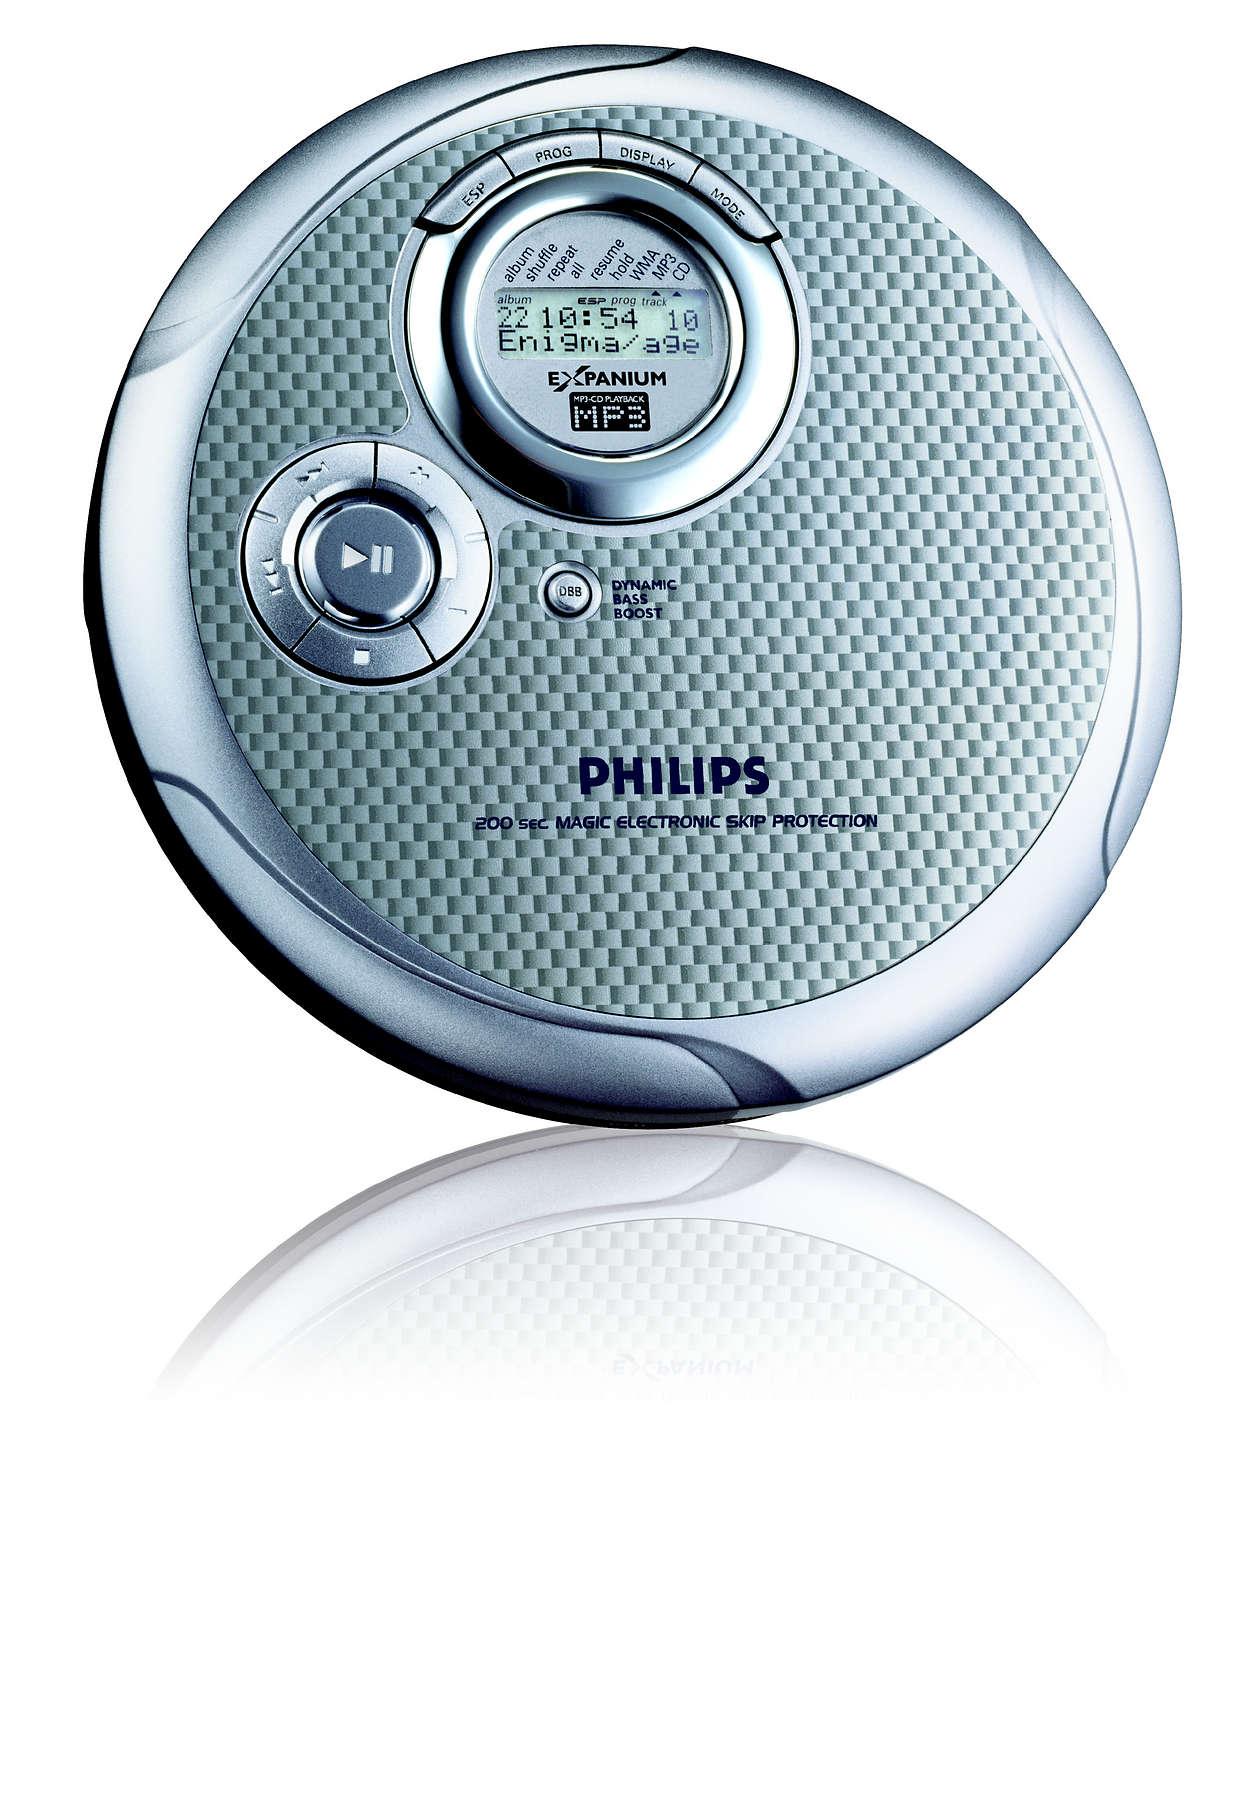 Slank MP3-CD-spiller